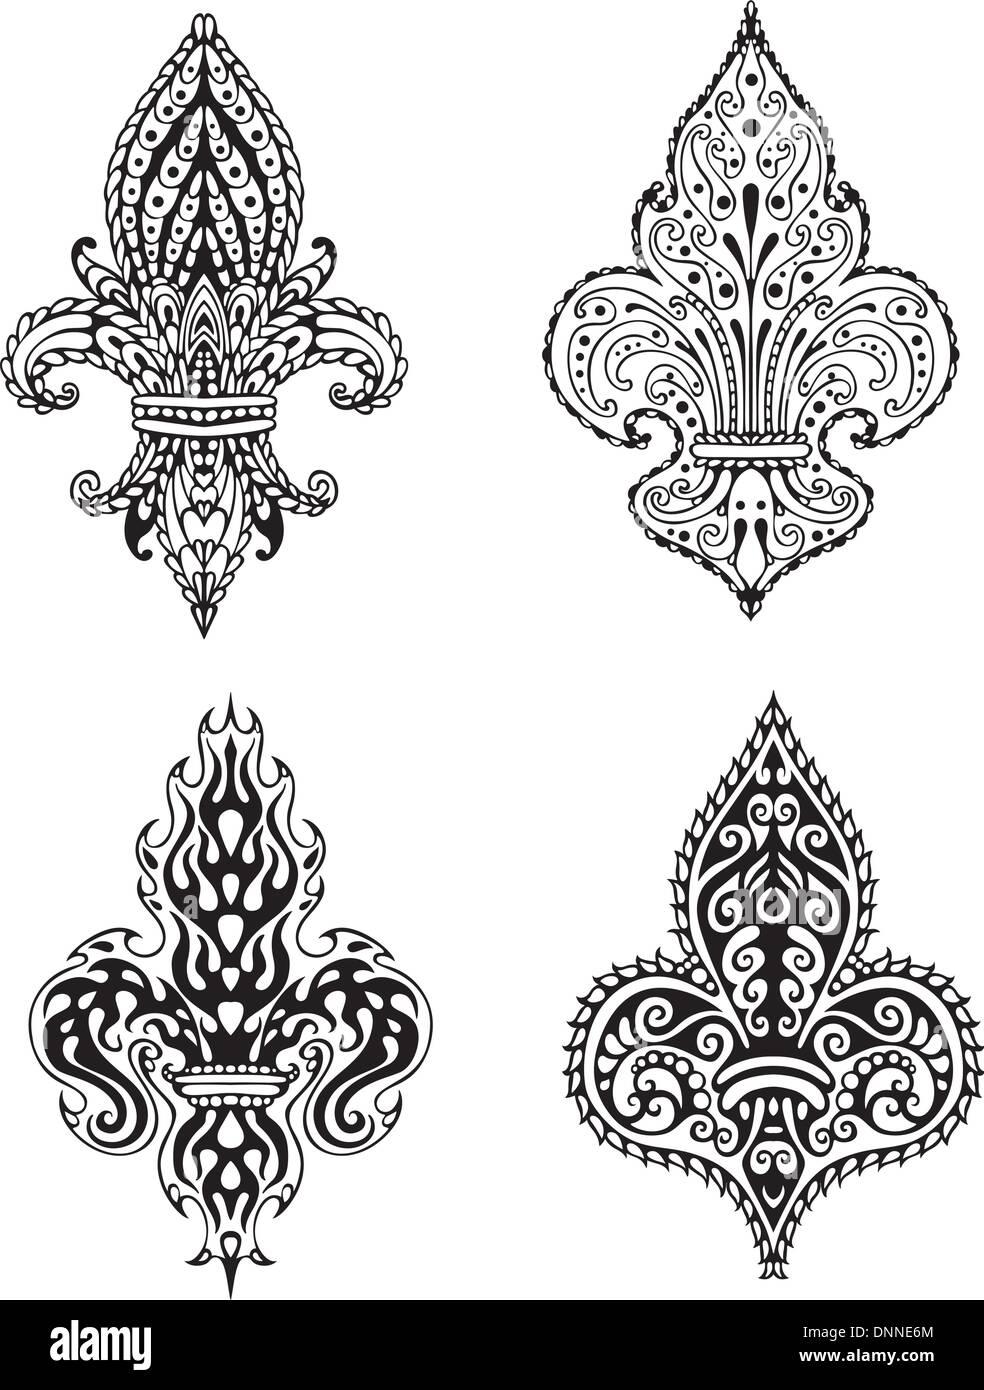 Fleur de Lis (lirios francesa de Los Borbones). Conjunto de ilustraciones vectoriales en blanco y negro. Imagen De Stock